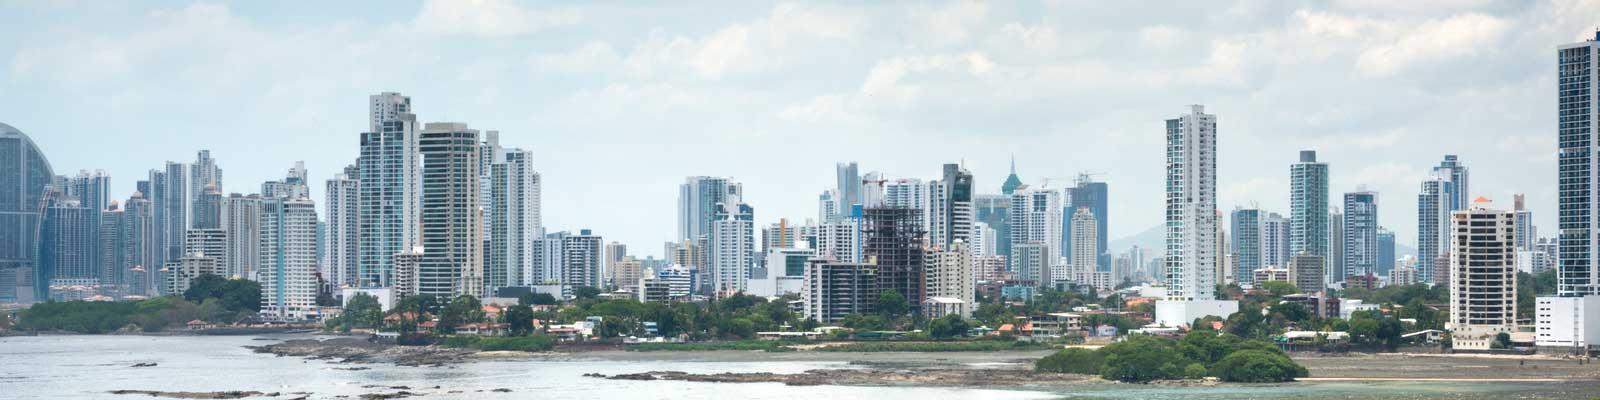 Panamá Immobilien - Ferienhaus, Luxusimmobilien, Strandimmobilie - Leben, Urlaub, Investieren